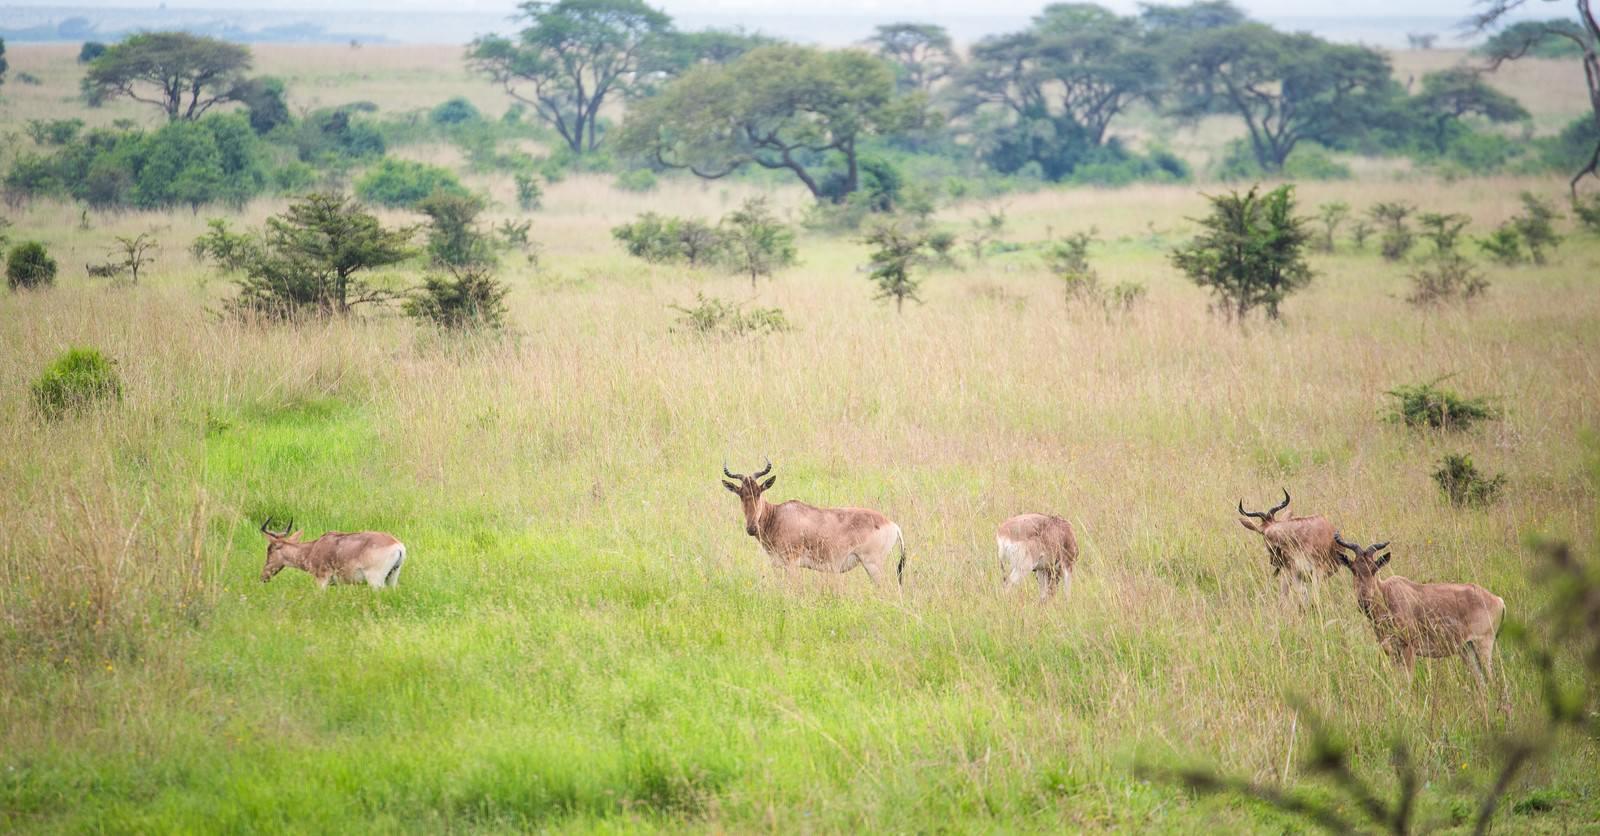 「草原を生きる野生動物の群れ」の写真